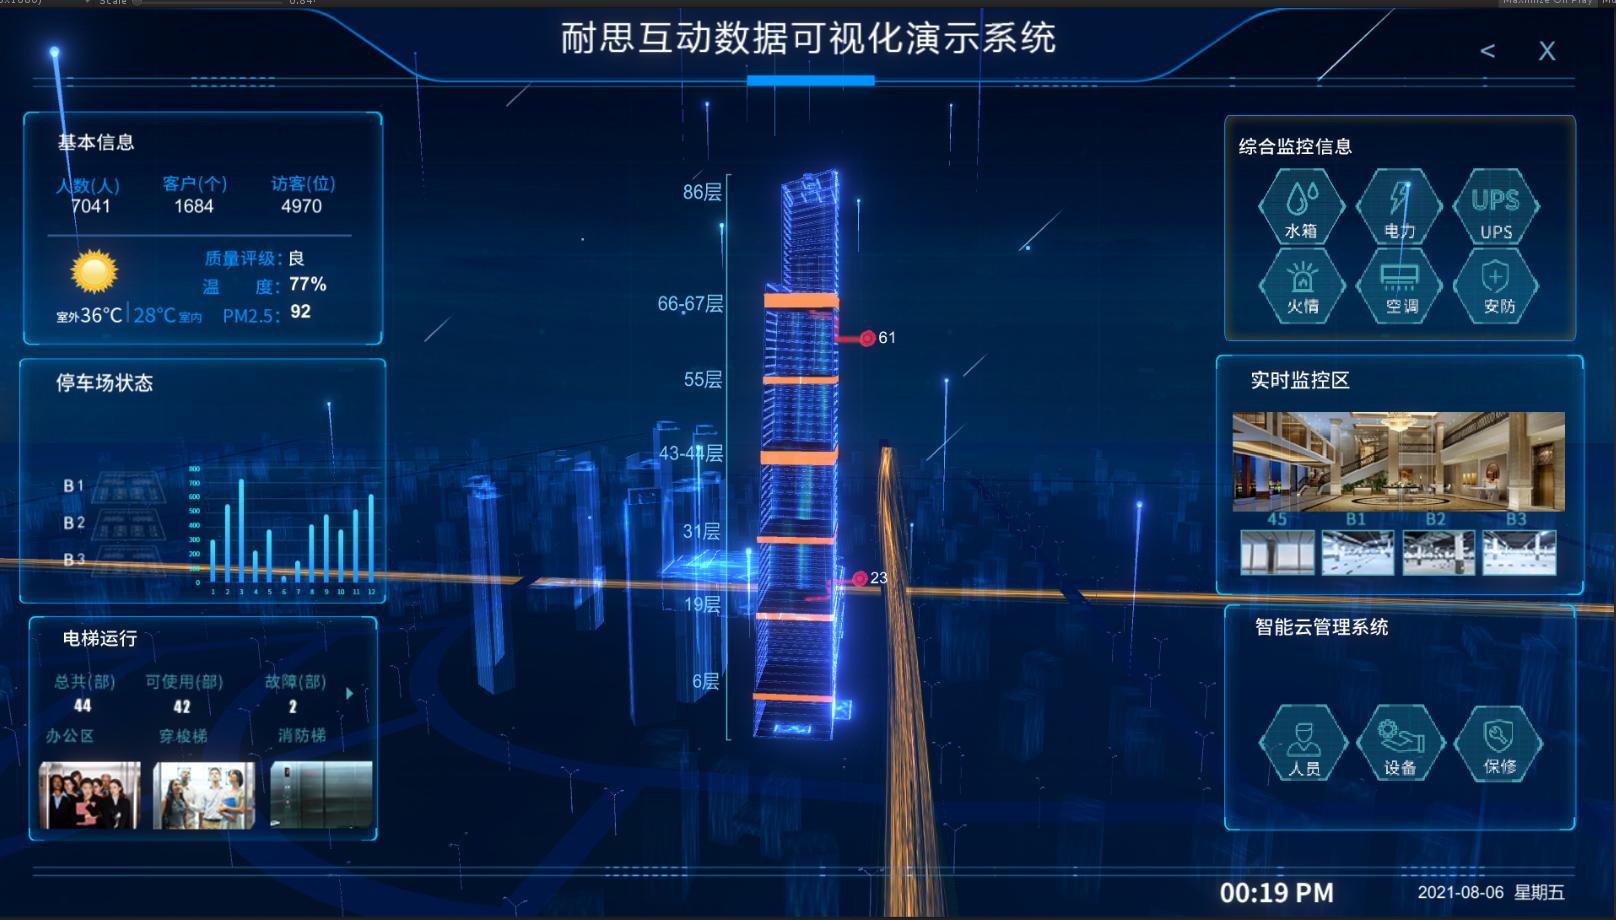 数据可视化|楼宇数据可视化